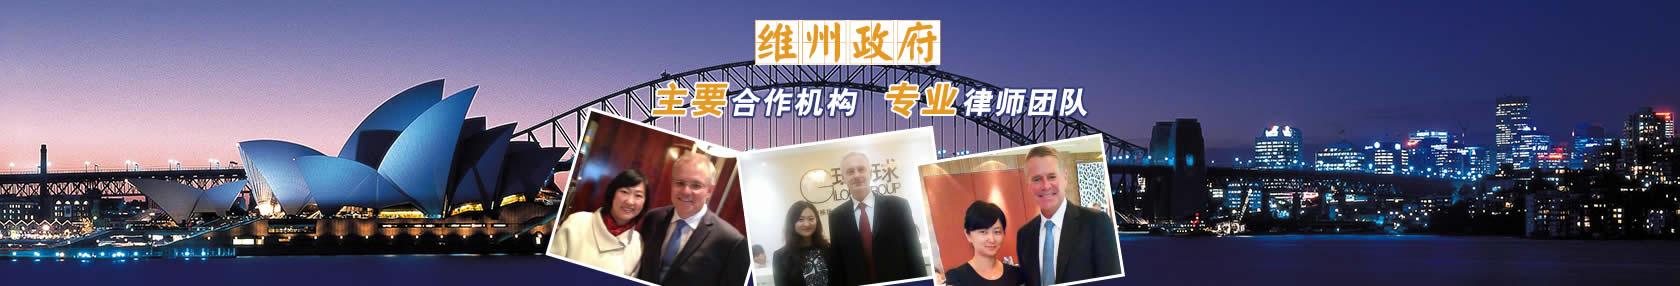 【环球移民】正式成为澳大利亚维州政府在华重点合作单位